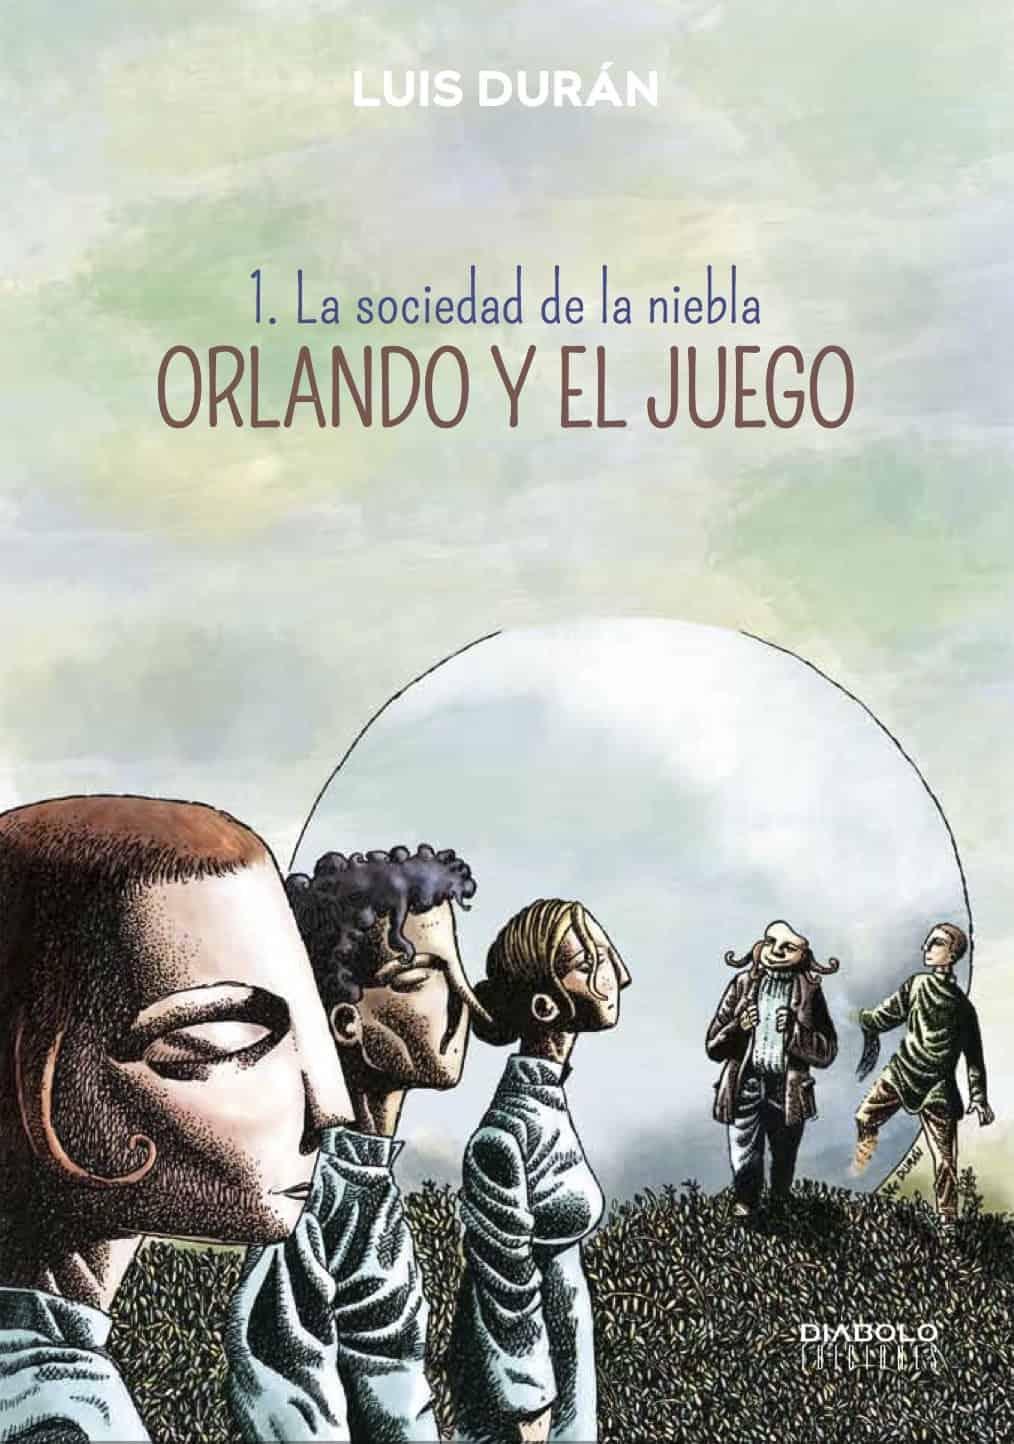 ORLANDO Y EL JUEGO 01 (LA SOCIEDAD DE LA NIEBLA)